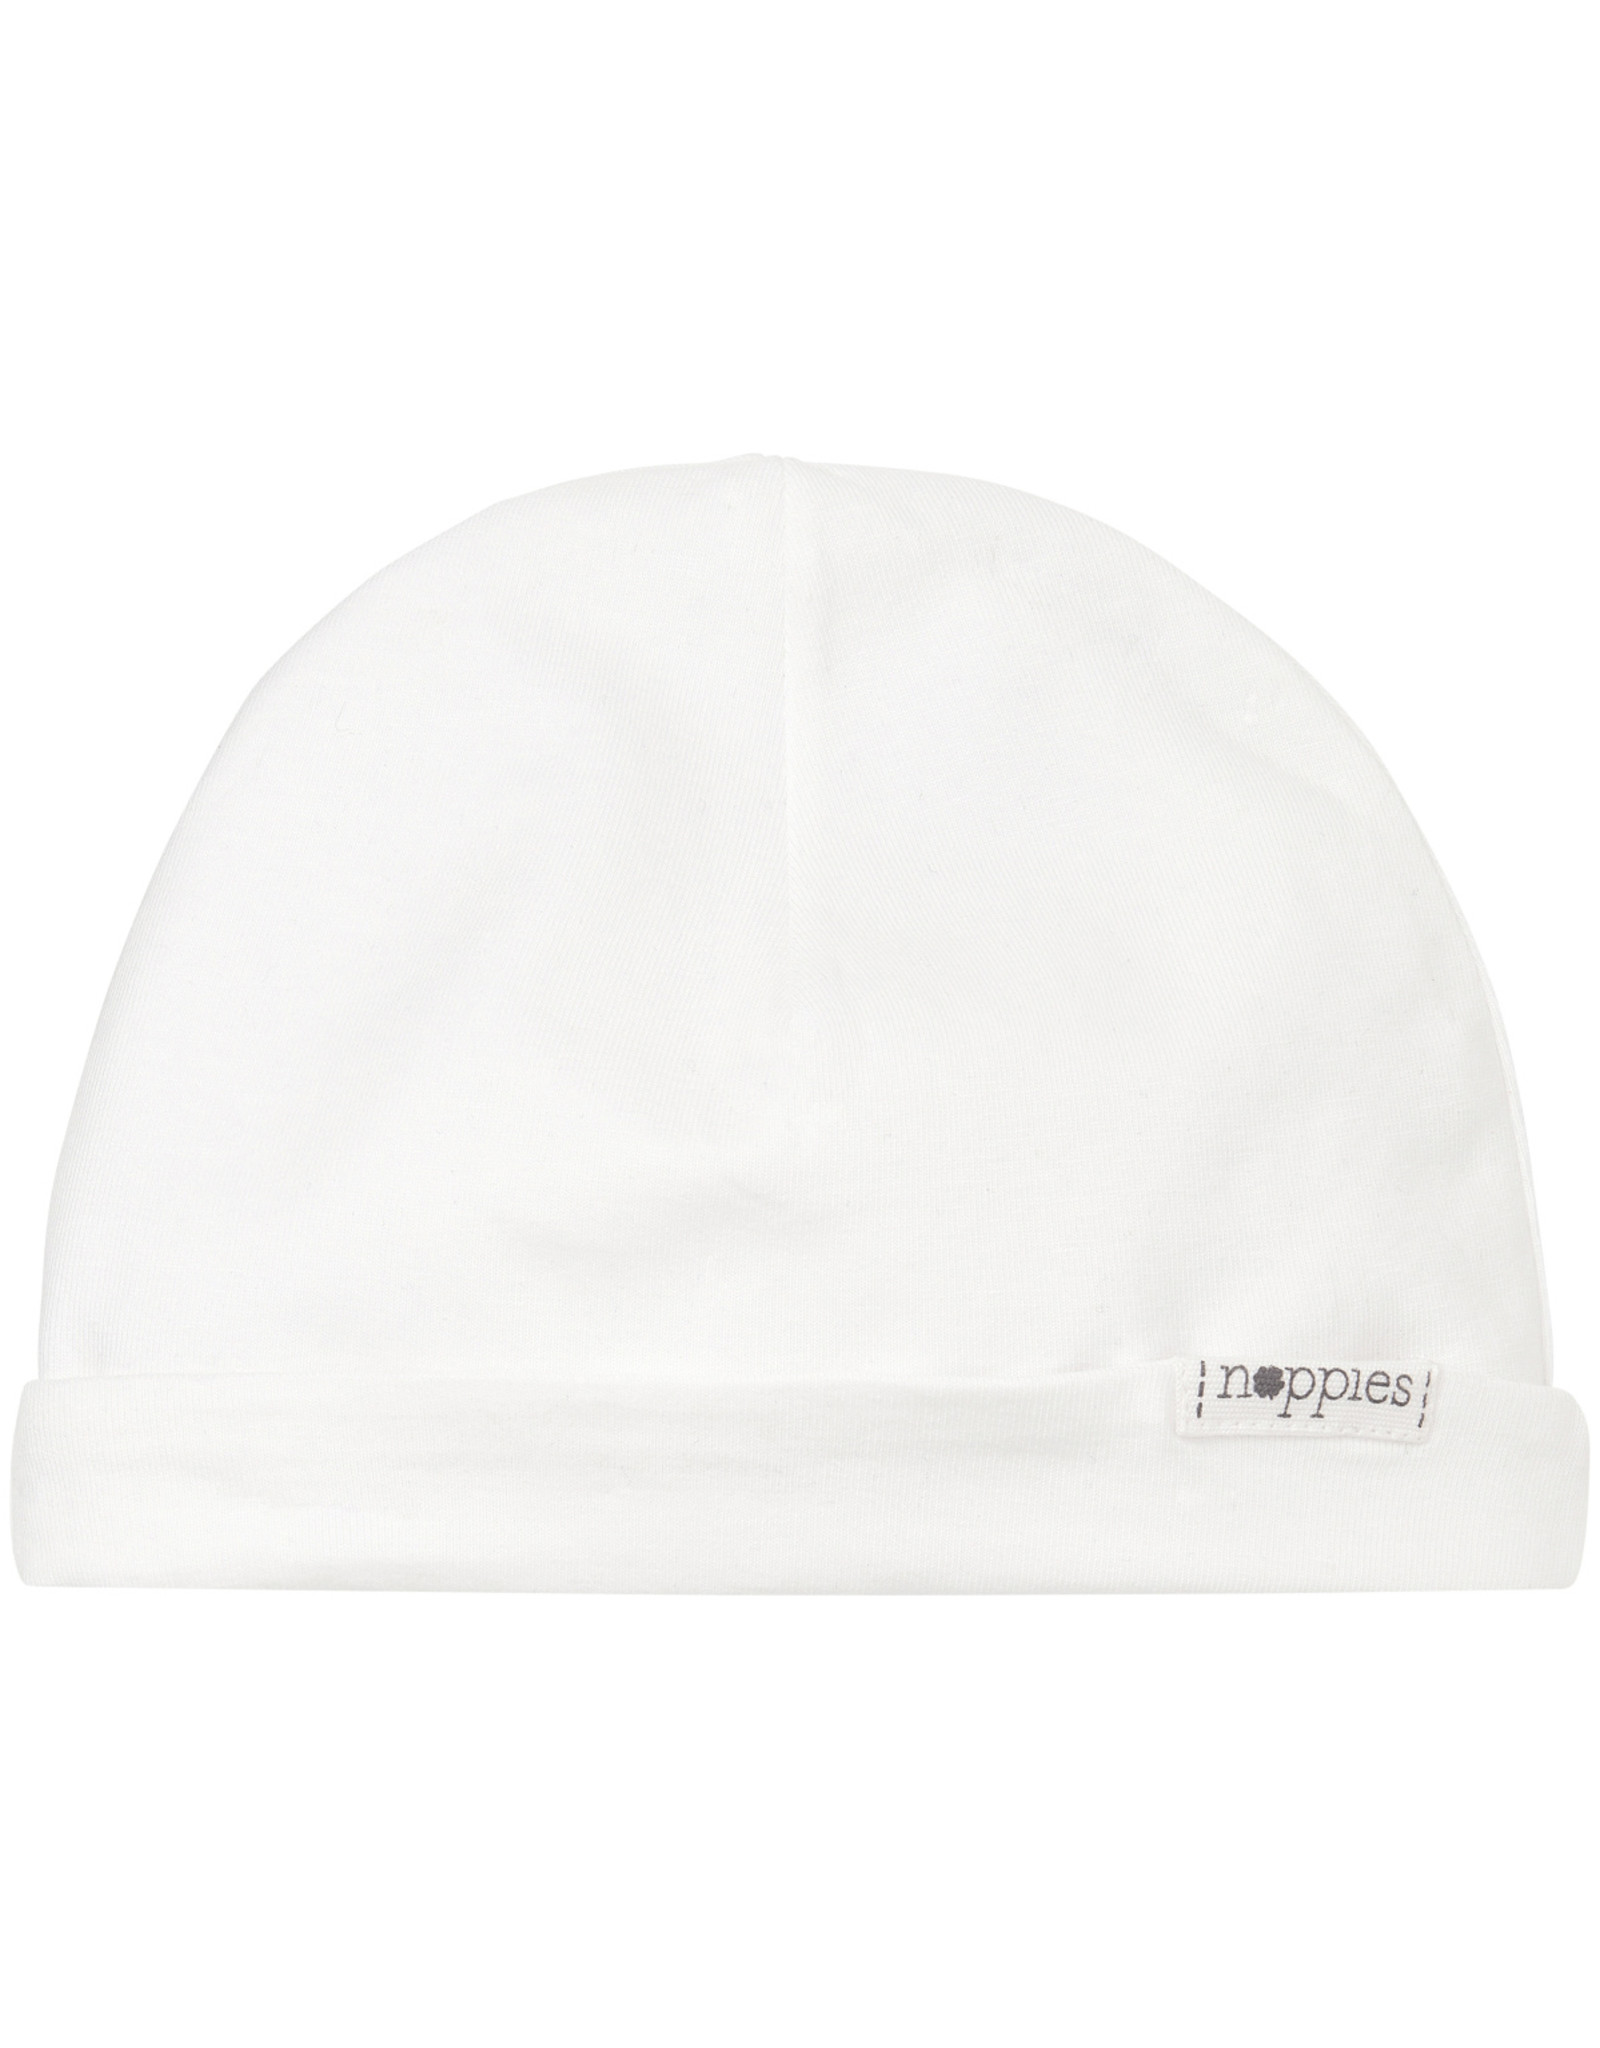 Noppies Noppies Hat reversible Babylon White